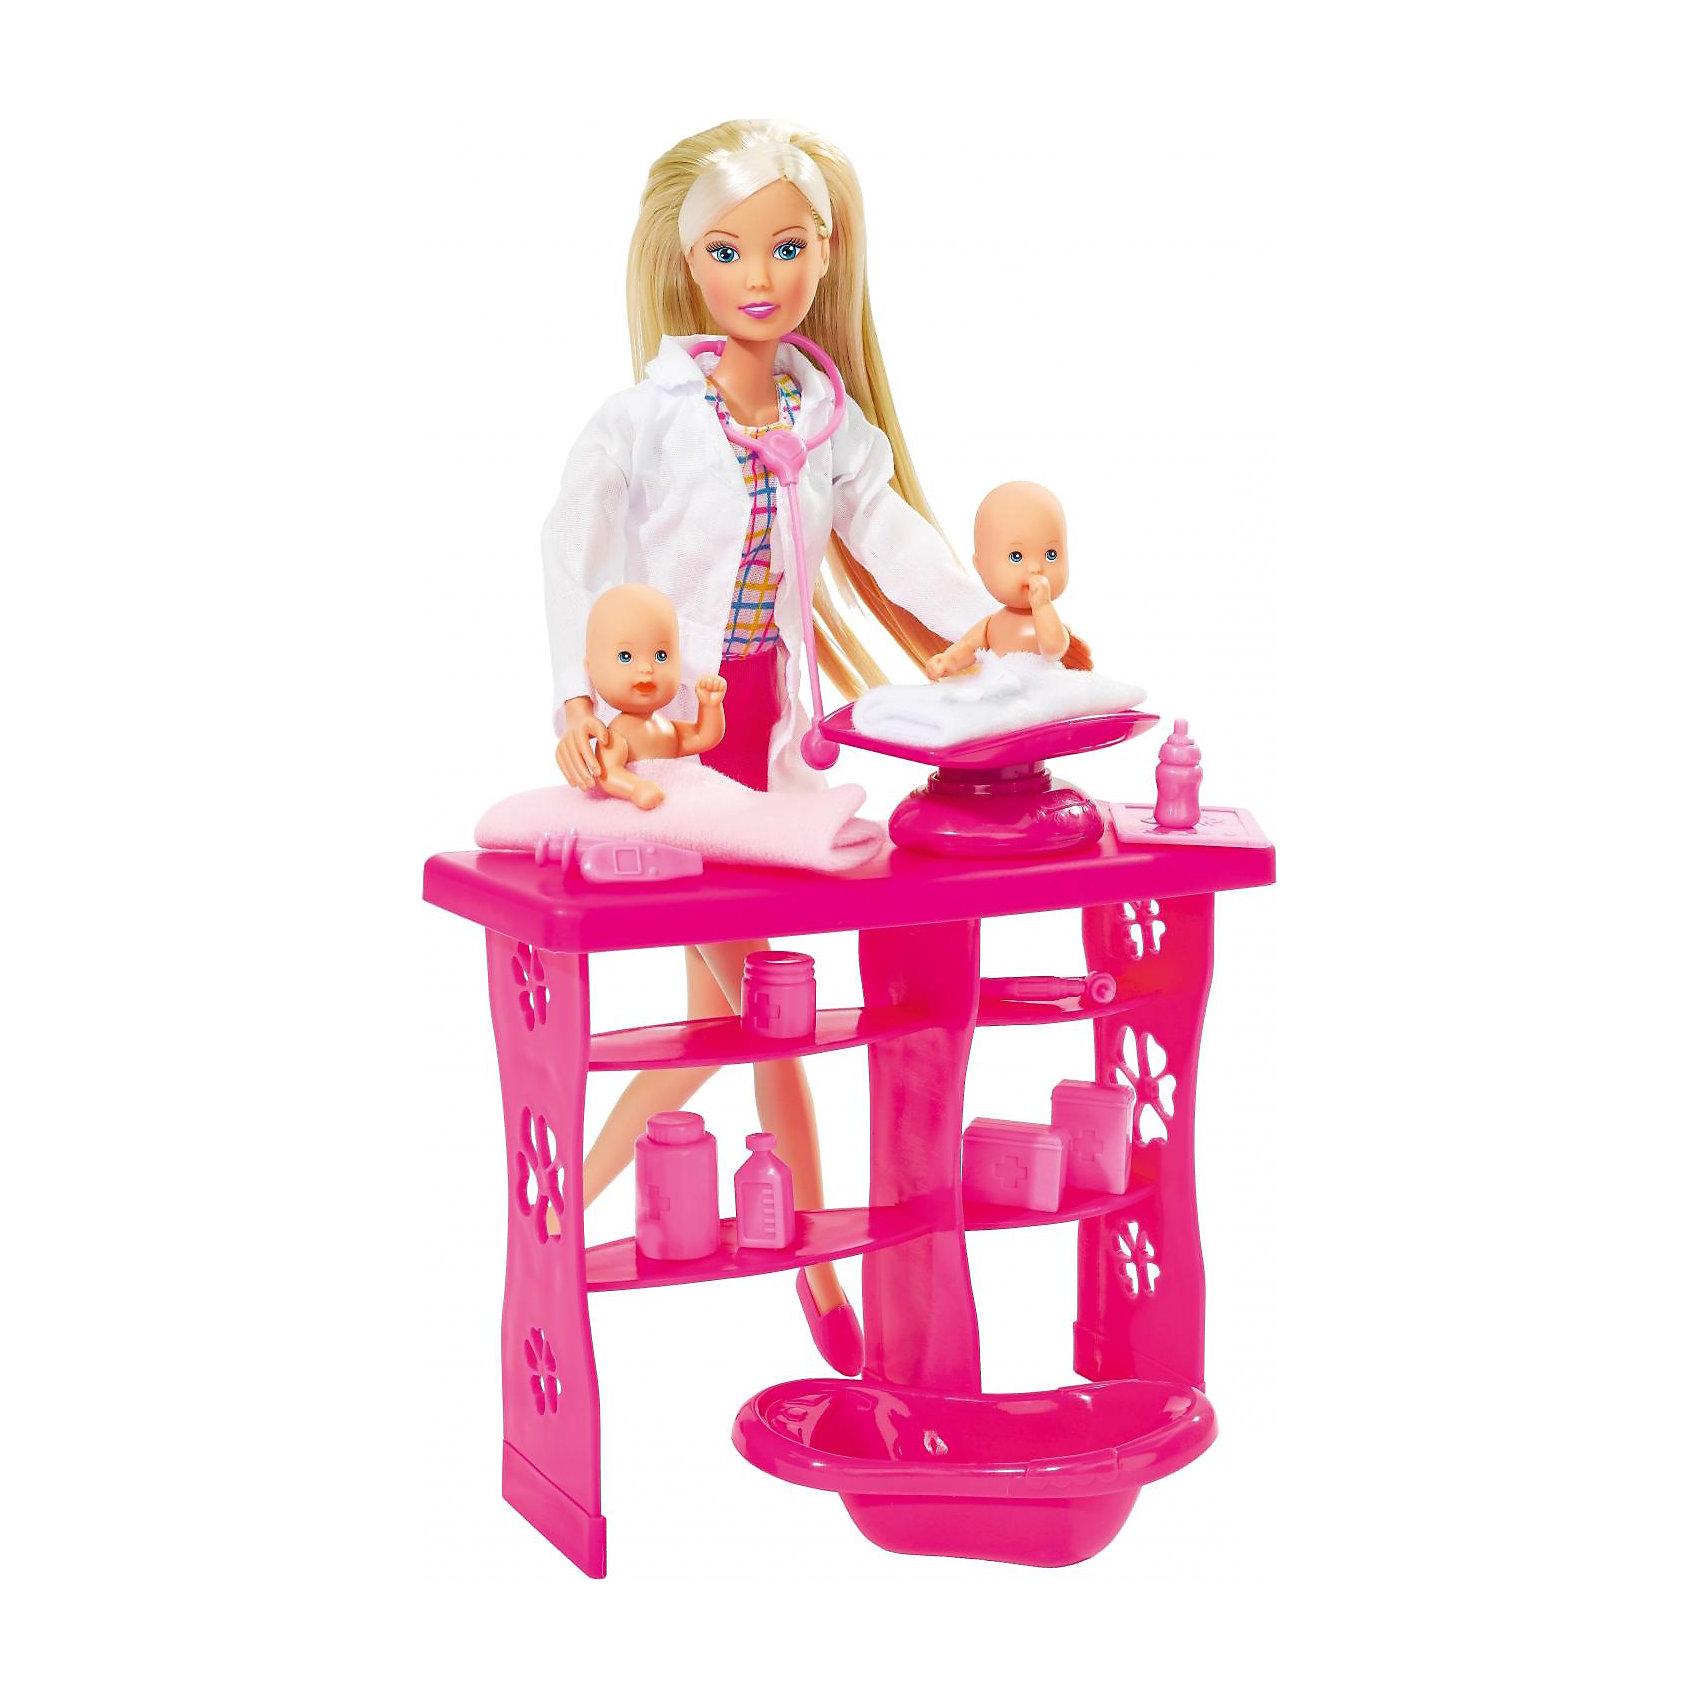 Набор Штеффи - детский доктор, Steffi LoveНабор Штеффи - детский доктор, Steffi Love (Штеффи Лав)-это игровой набор, в котором есть кукла-доктор, 2 малыша и 12 медицинских предмета для их лечения. <br><br>Штеффи в наборе - стандартная кукла, формата Барби, ноги сгибаются на щелчки, длинные светлые волосы, костюм врача-ординатора. Врач производит осмотр малышей на специальном столике, взвешивает их и купает. Набор поможет ребенку развивать творческие способности. Ему понравится создавать свой собственный волшебный мир и использовать игрушки для имитации мира взрослых. <br><br>Комплектация: кукла Штеффи, 2 пупса, смотровой стол доктора и множество аксессуаров по уходу и лечению (стойка, прожектор-лампа, ванночка и весы для новорожденных, коробочка, шприц, разные баночки)<br><br>Дополнительная информация:<br><br>-Материал: пластик, ткань<br>-Высота куклы: 29 см<br><br>Девочка будет рада получить этот отличный набор, ведь можно играть и в дочки-матери, и в доктора, и с пупсиками отдельно. <br><br>Набор Штеффи - детский доктор, Steffi Love (Штеффи Лав) можно купить в нашем магазине.<br><br>Ширина мм: 90<br>Глубина мм: 280<br>Высота мм: 340<br>Вес г: 800<br>Возраст от месяцев: 48<br>Возраст до месяцев: 144<br>Пол: Женский<br>Возраст: Детский<br>SKU: 1623600